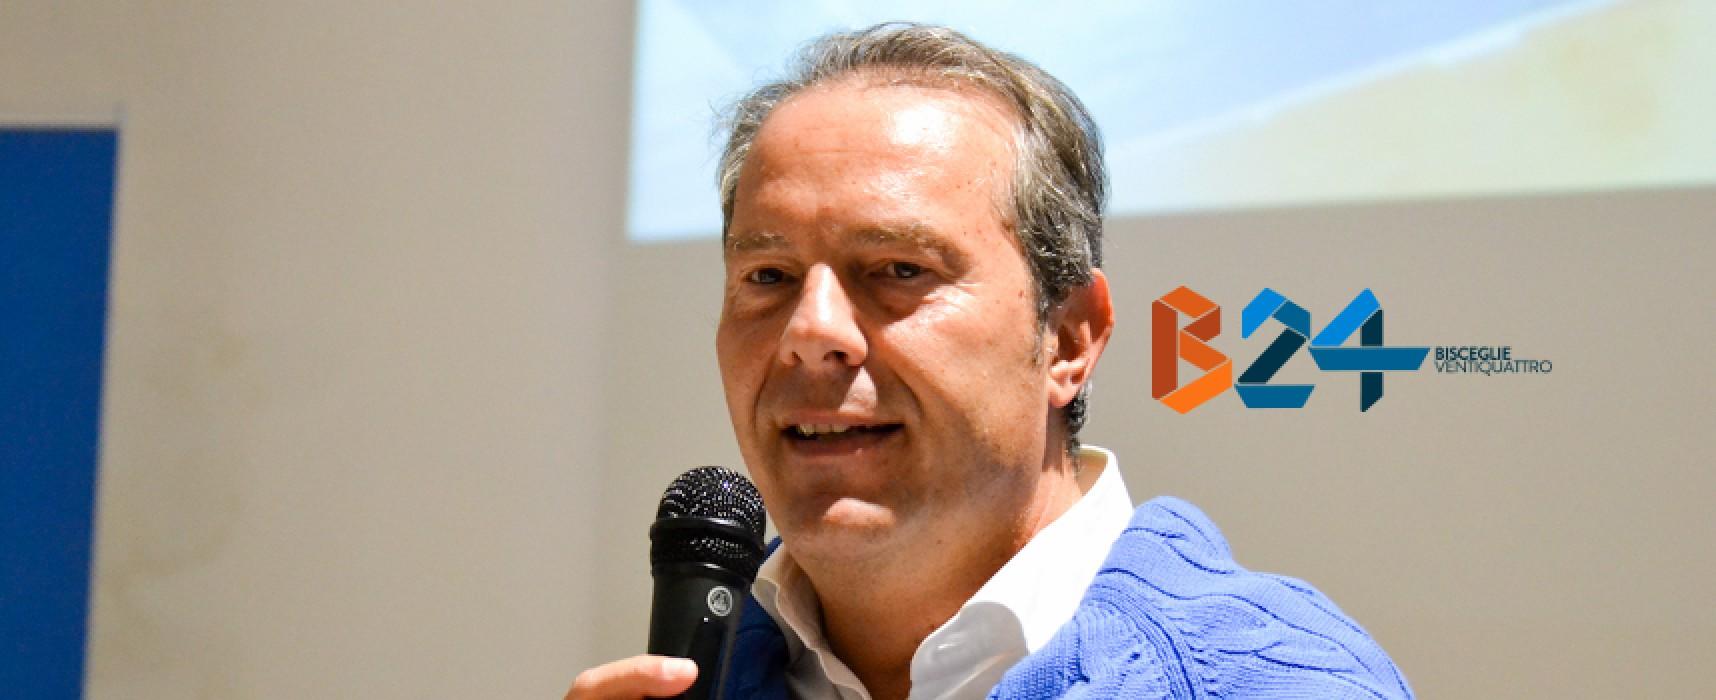 """Politica, Spina si complimenta con assessori e attacca Fata: """"Attaccamento alla poltrona"""""""